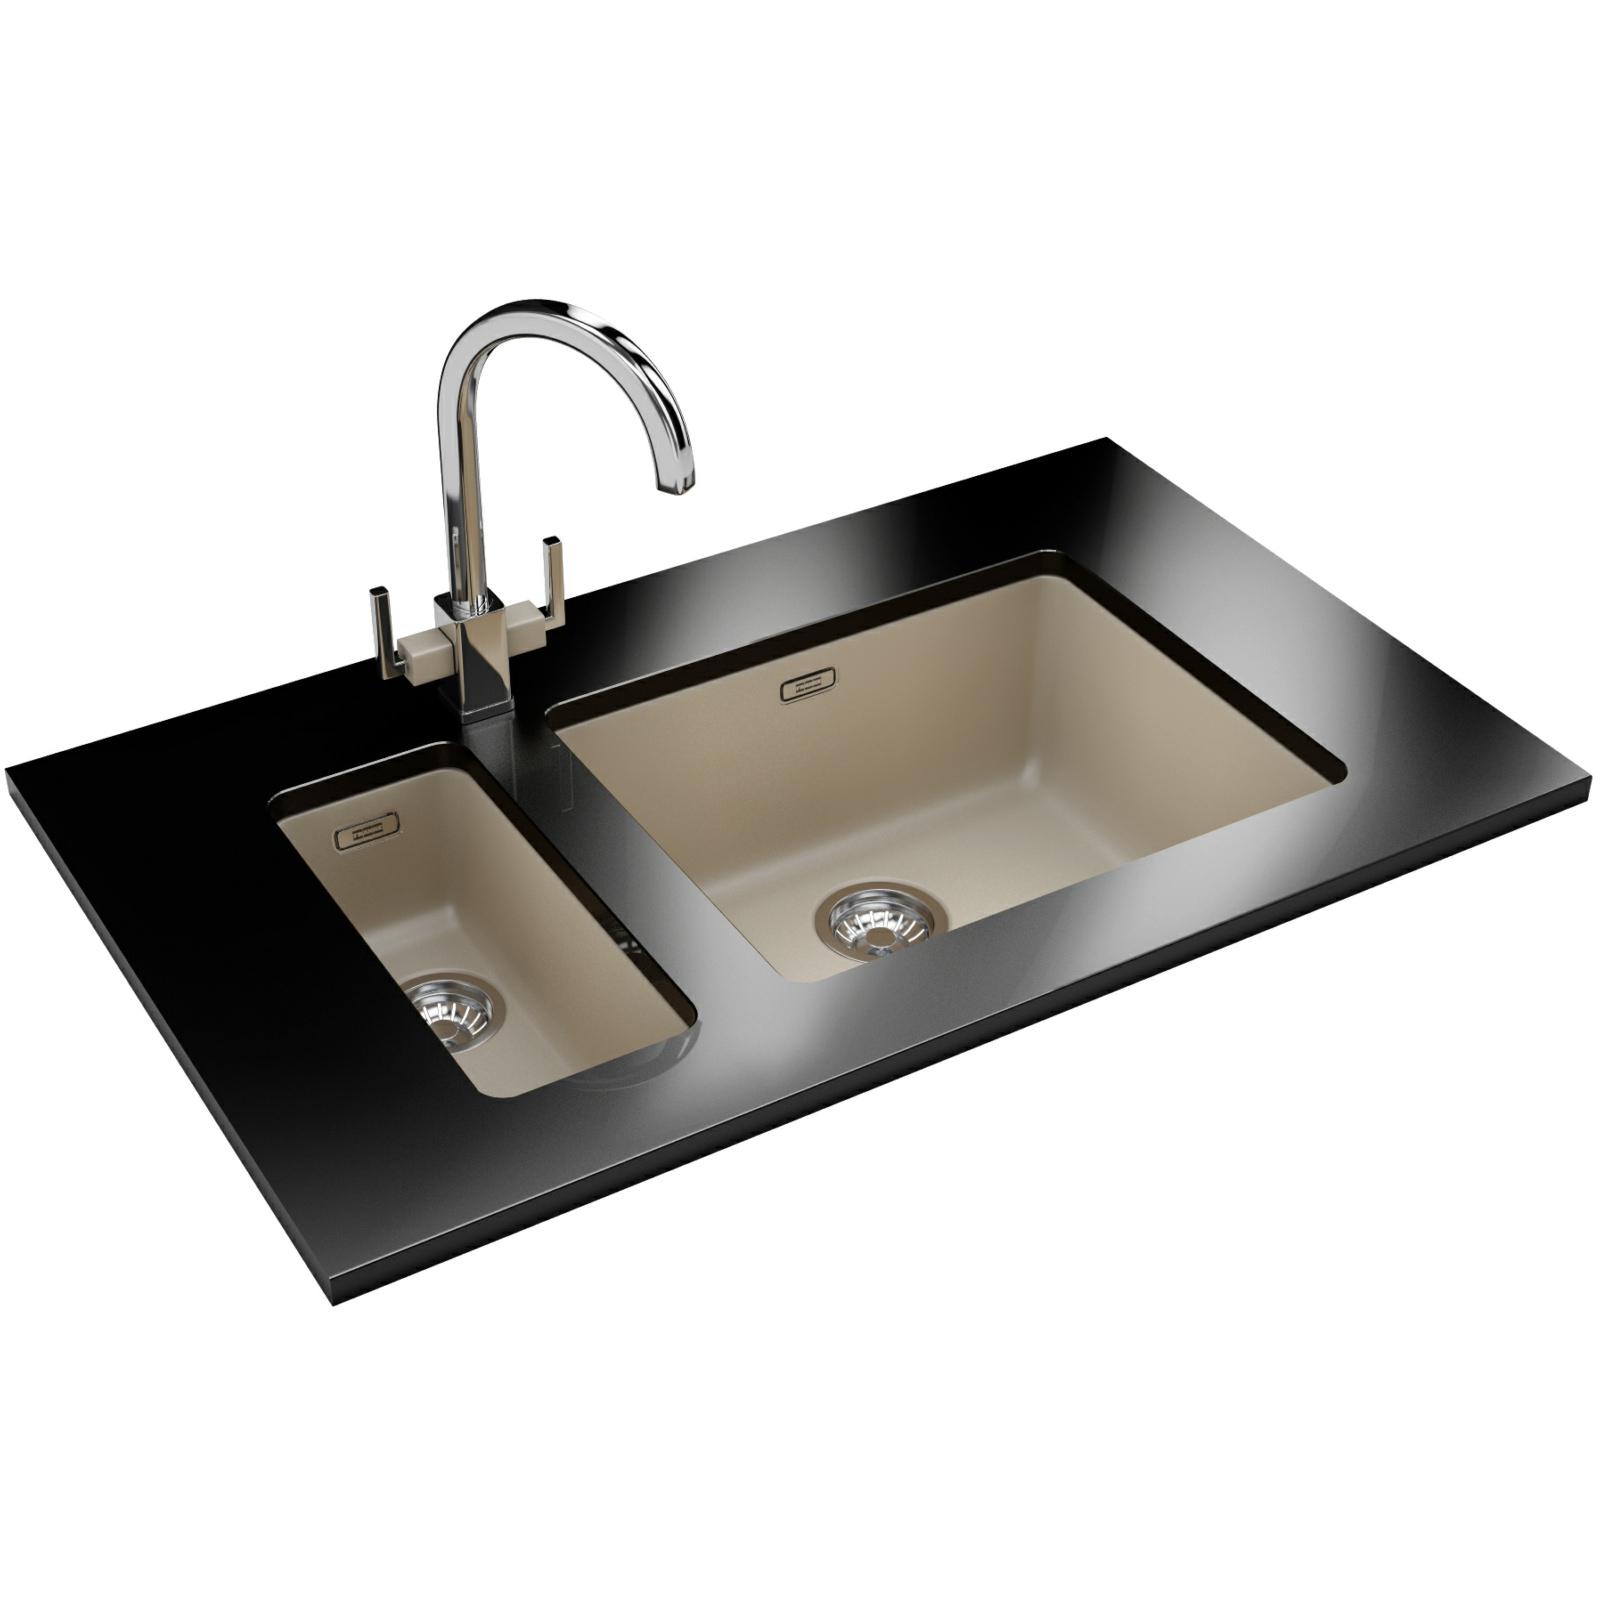 Franke kubus kbg 110 50 fragranite coffee undermount sink for Franke sinks